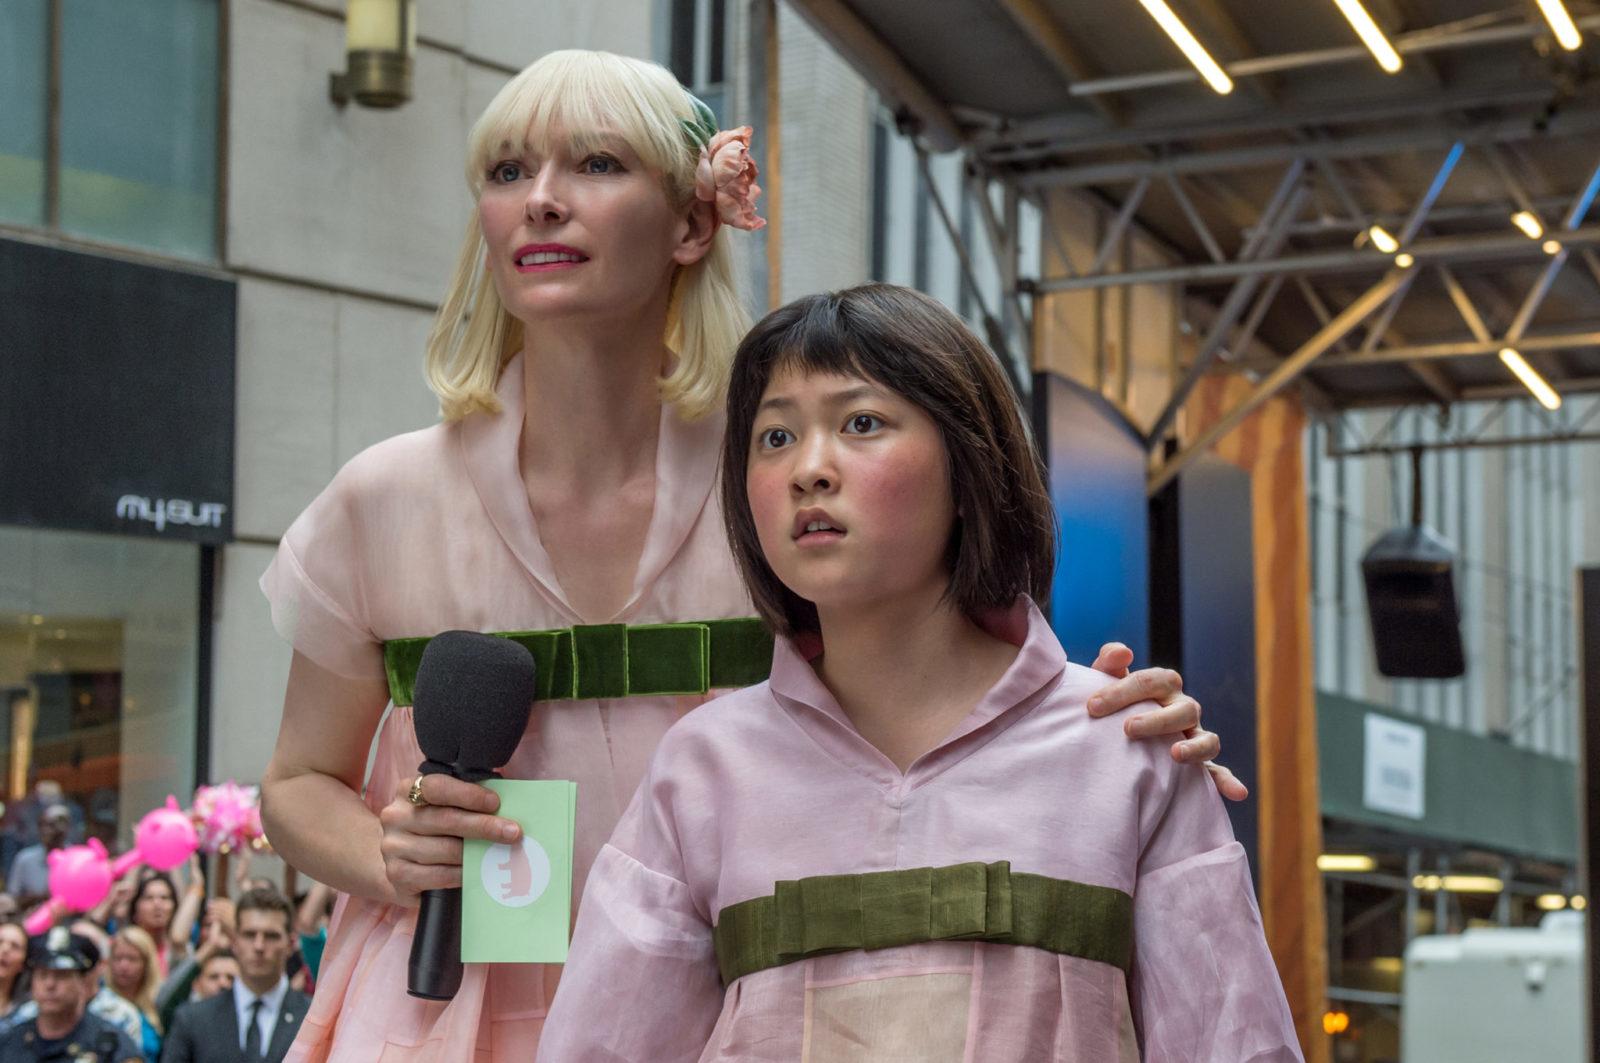 Szczupła blondynka ubrana w różowe kimono trzymająca za ramię wystraszoną dziewczynkę o azjatyckiej urodzie, która również ubrana jest w różowe kimono